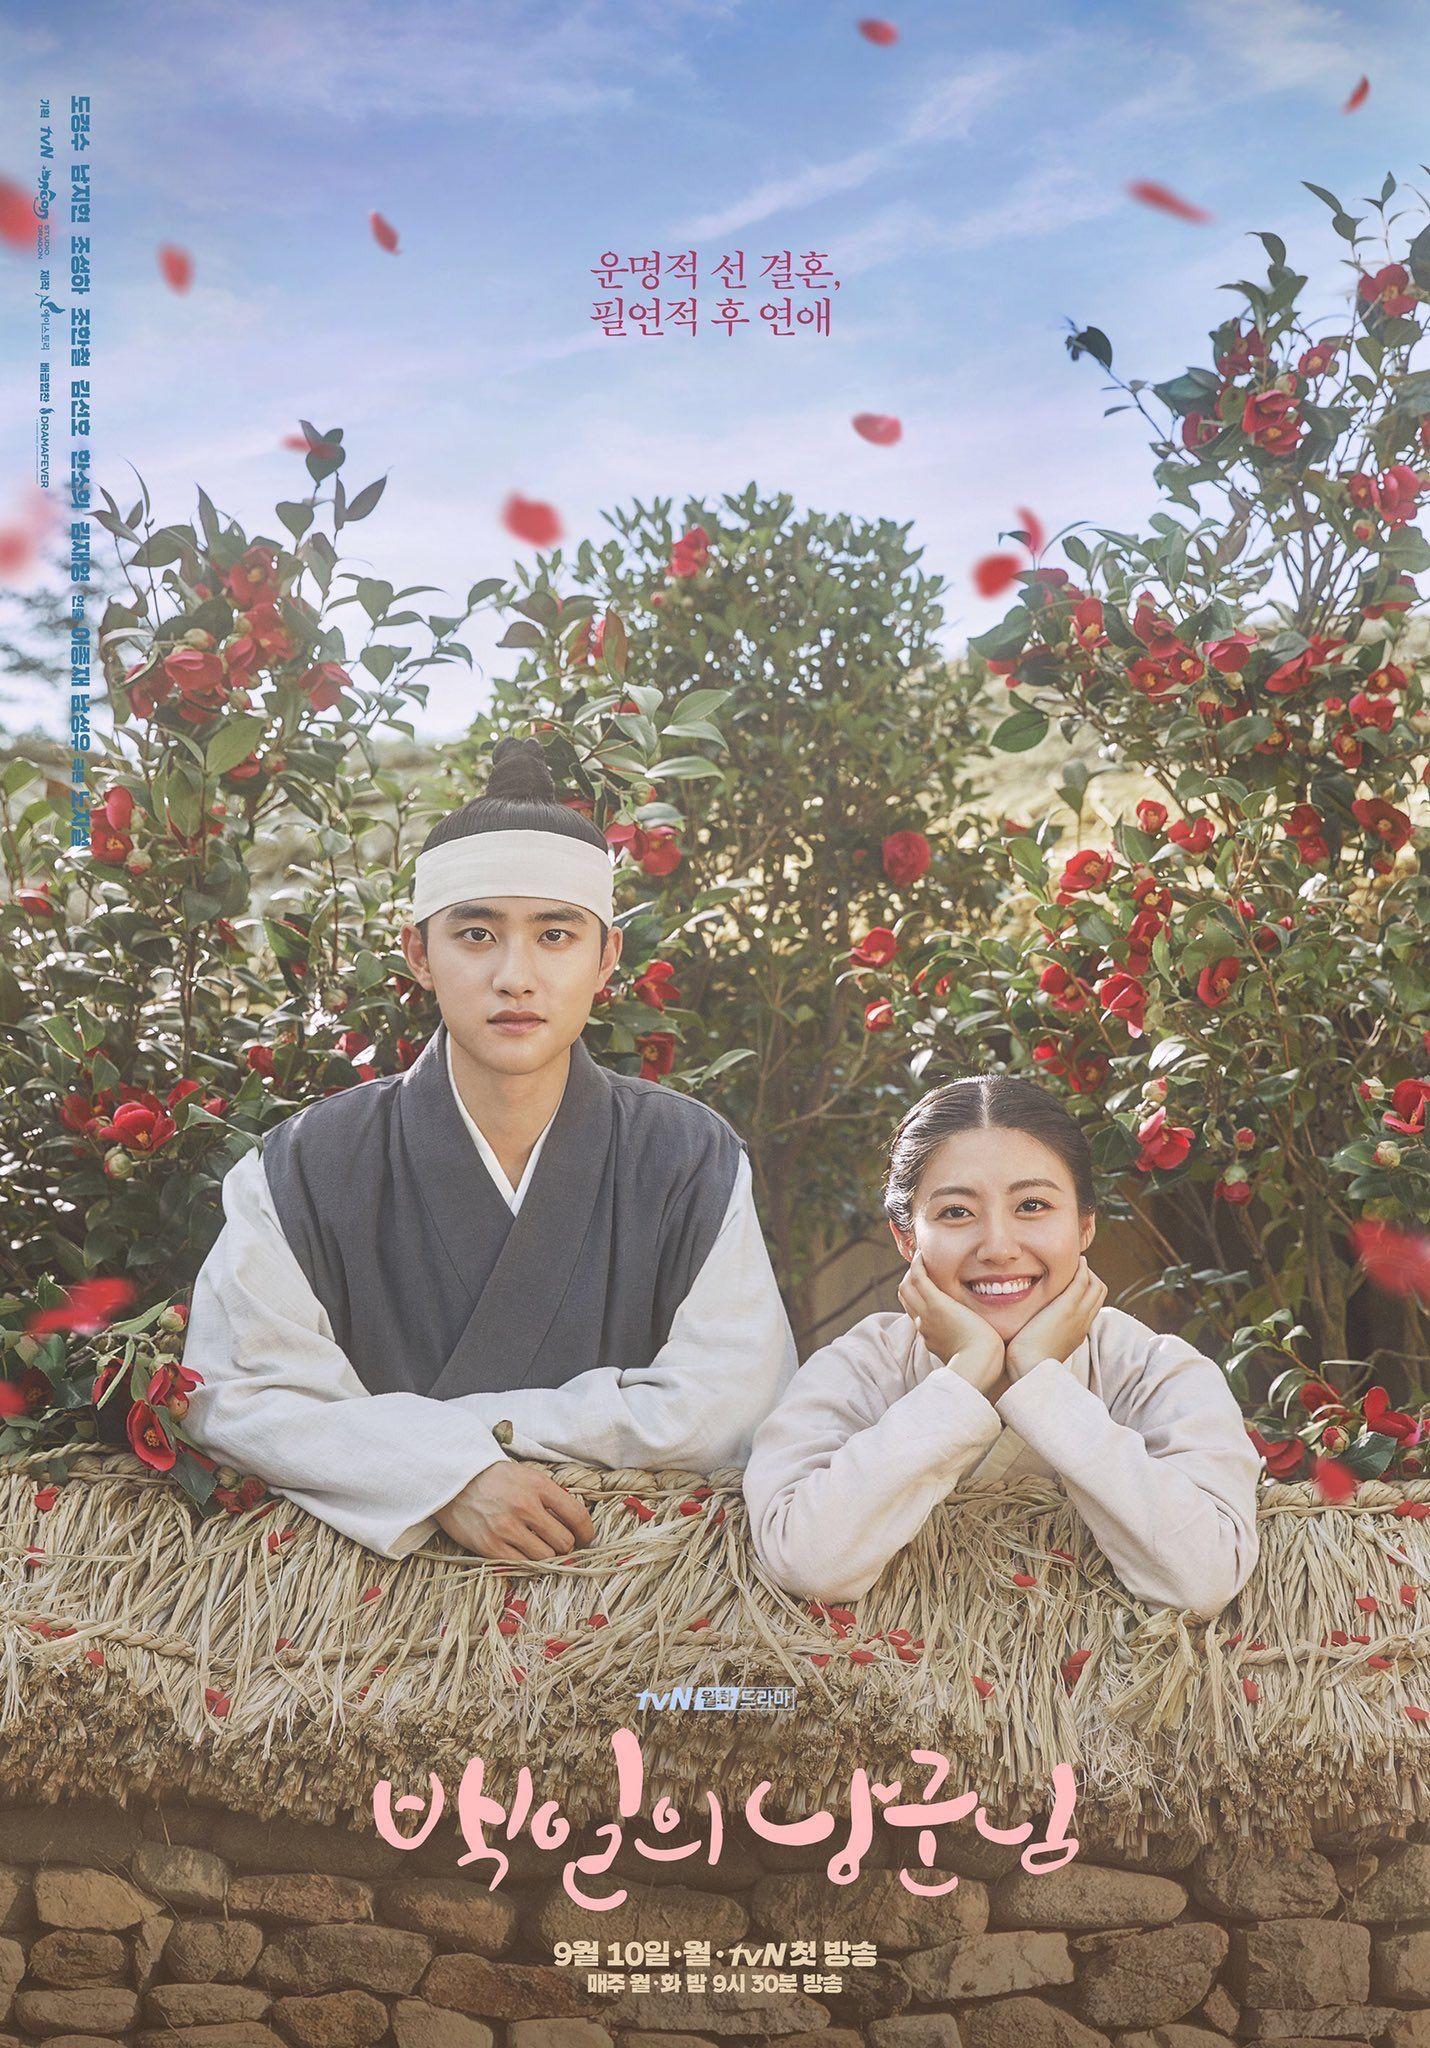 سریال کره ای شاهزاده صد روزه من 2018 100Days My Prince